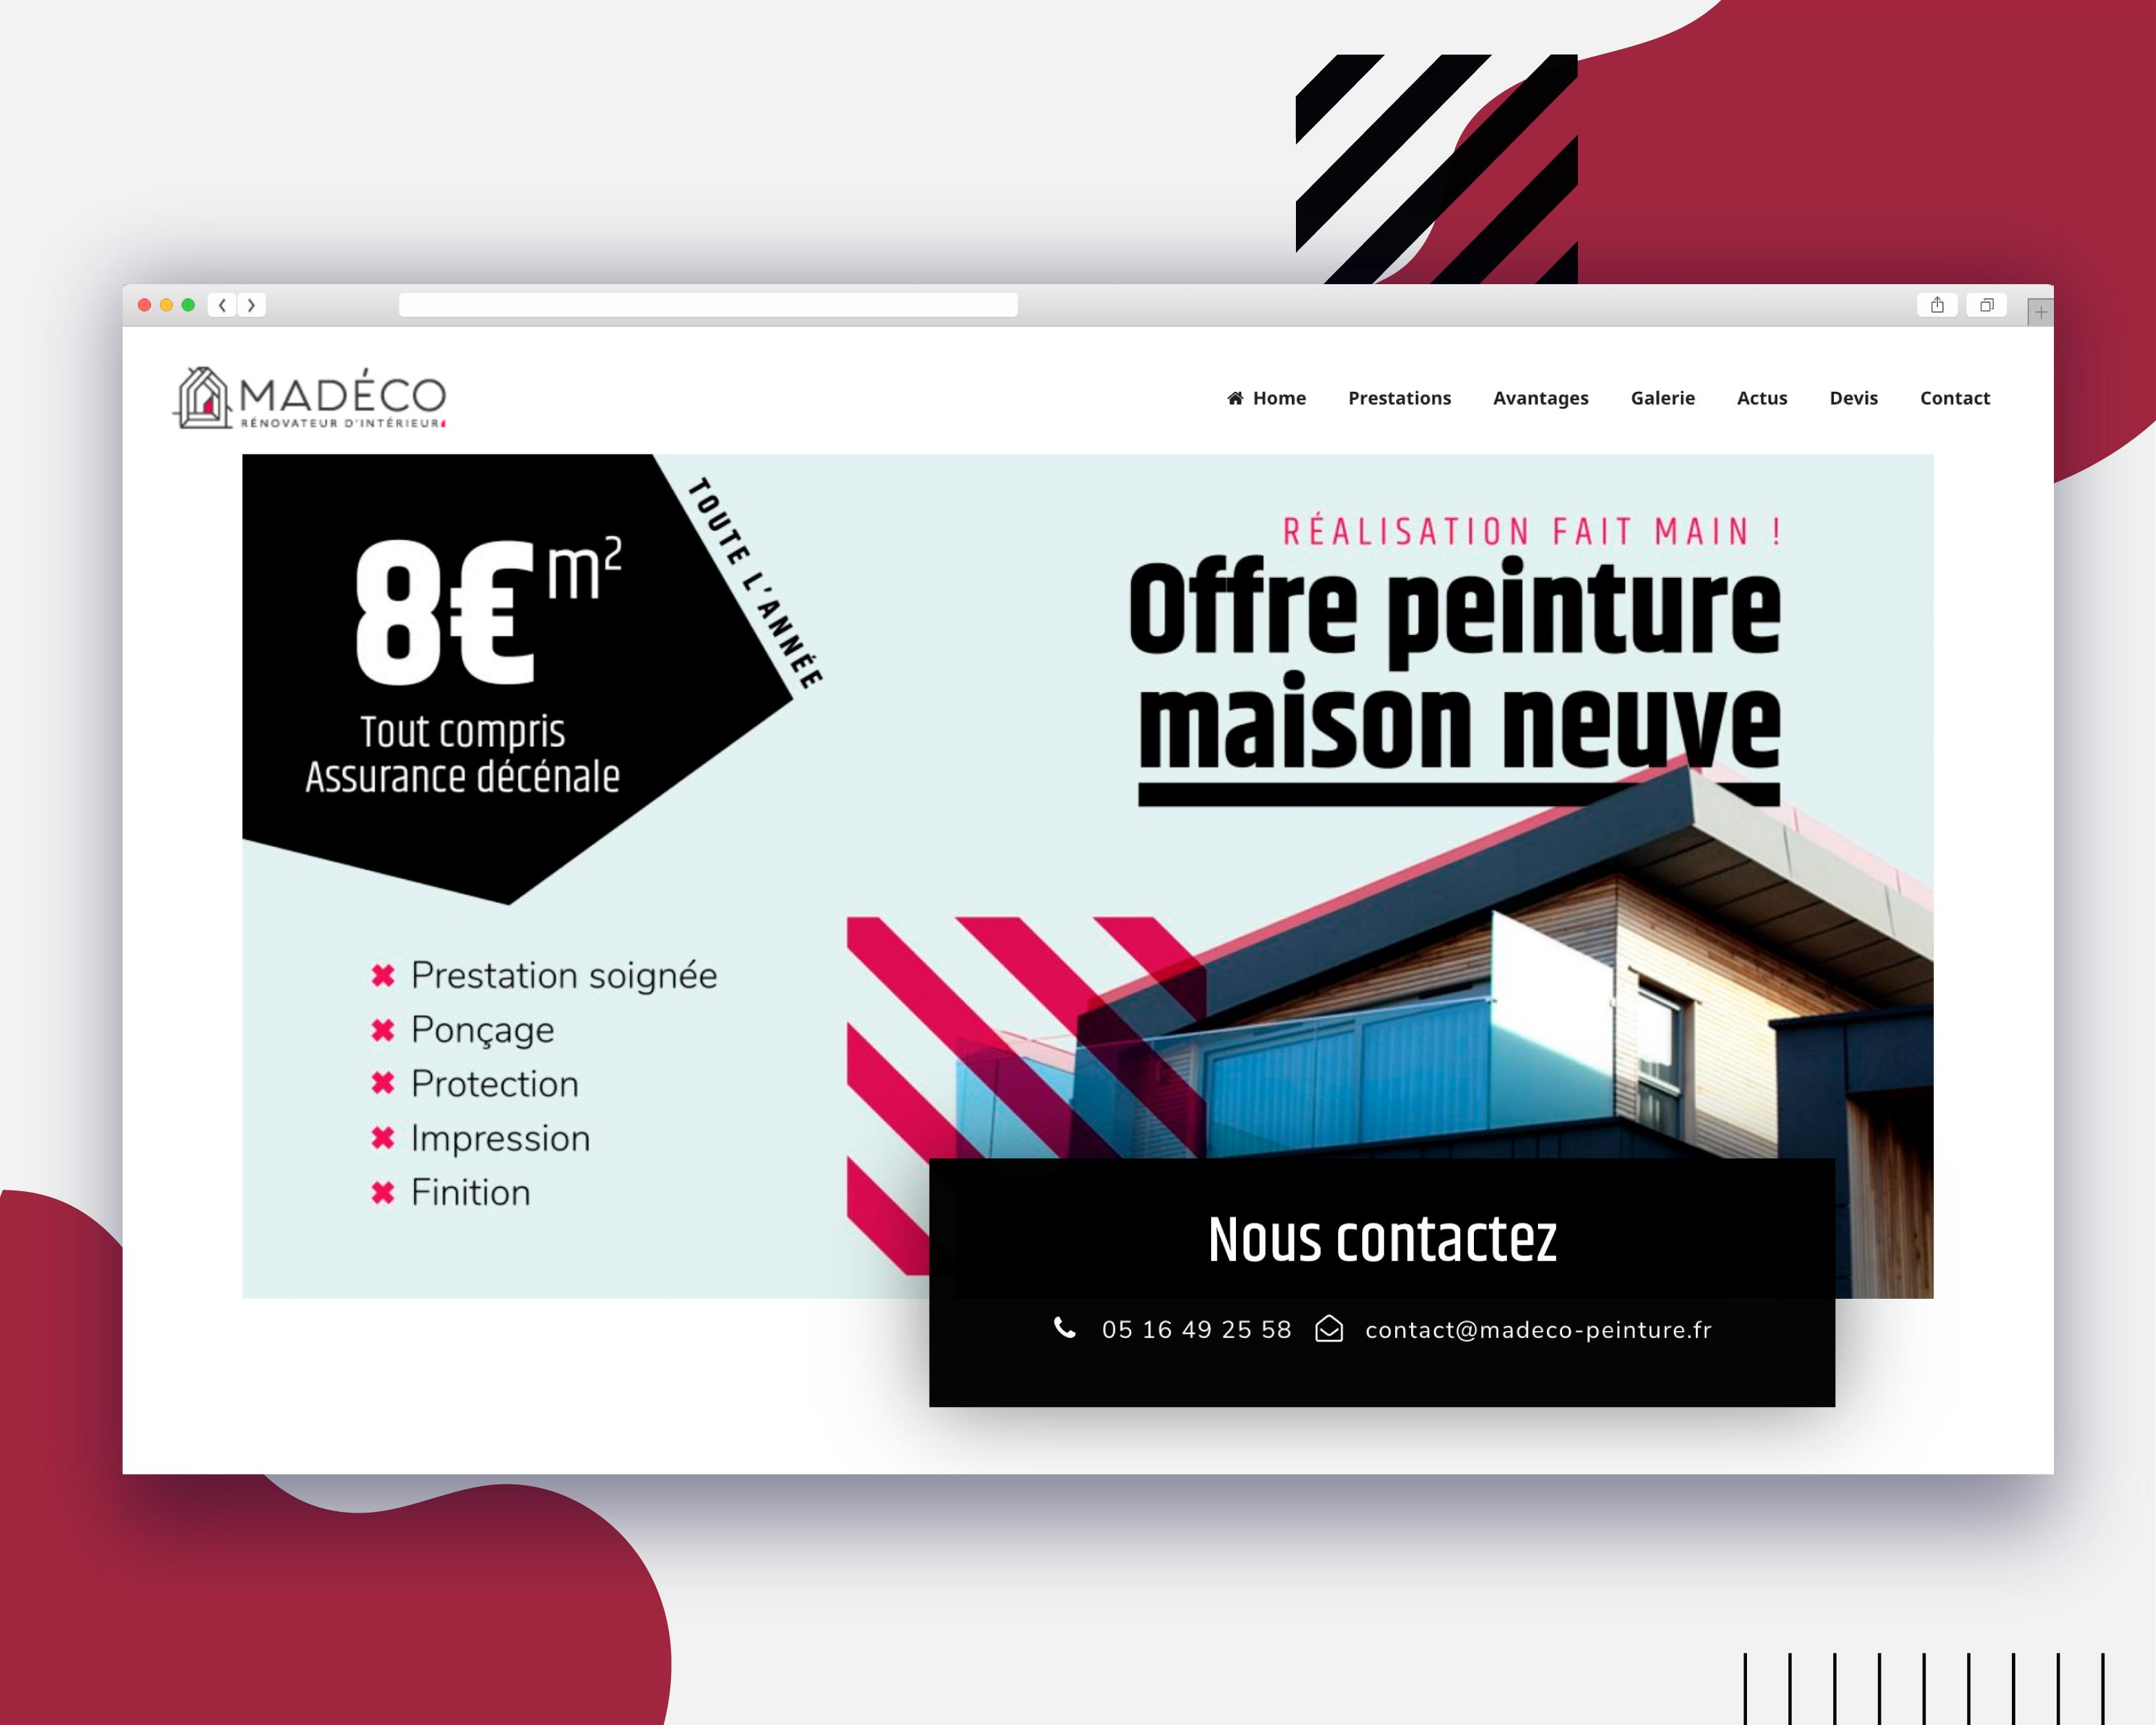 projet-webdesign-madeco-peinture-web-Design-newsletter-Julia-Capdebos-01-2.jpg